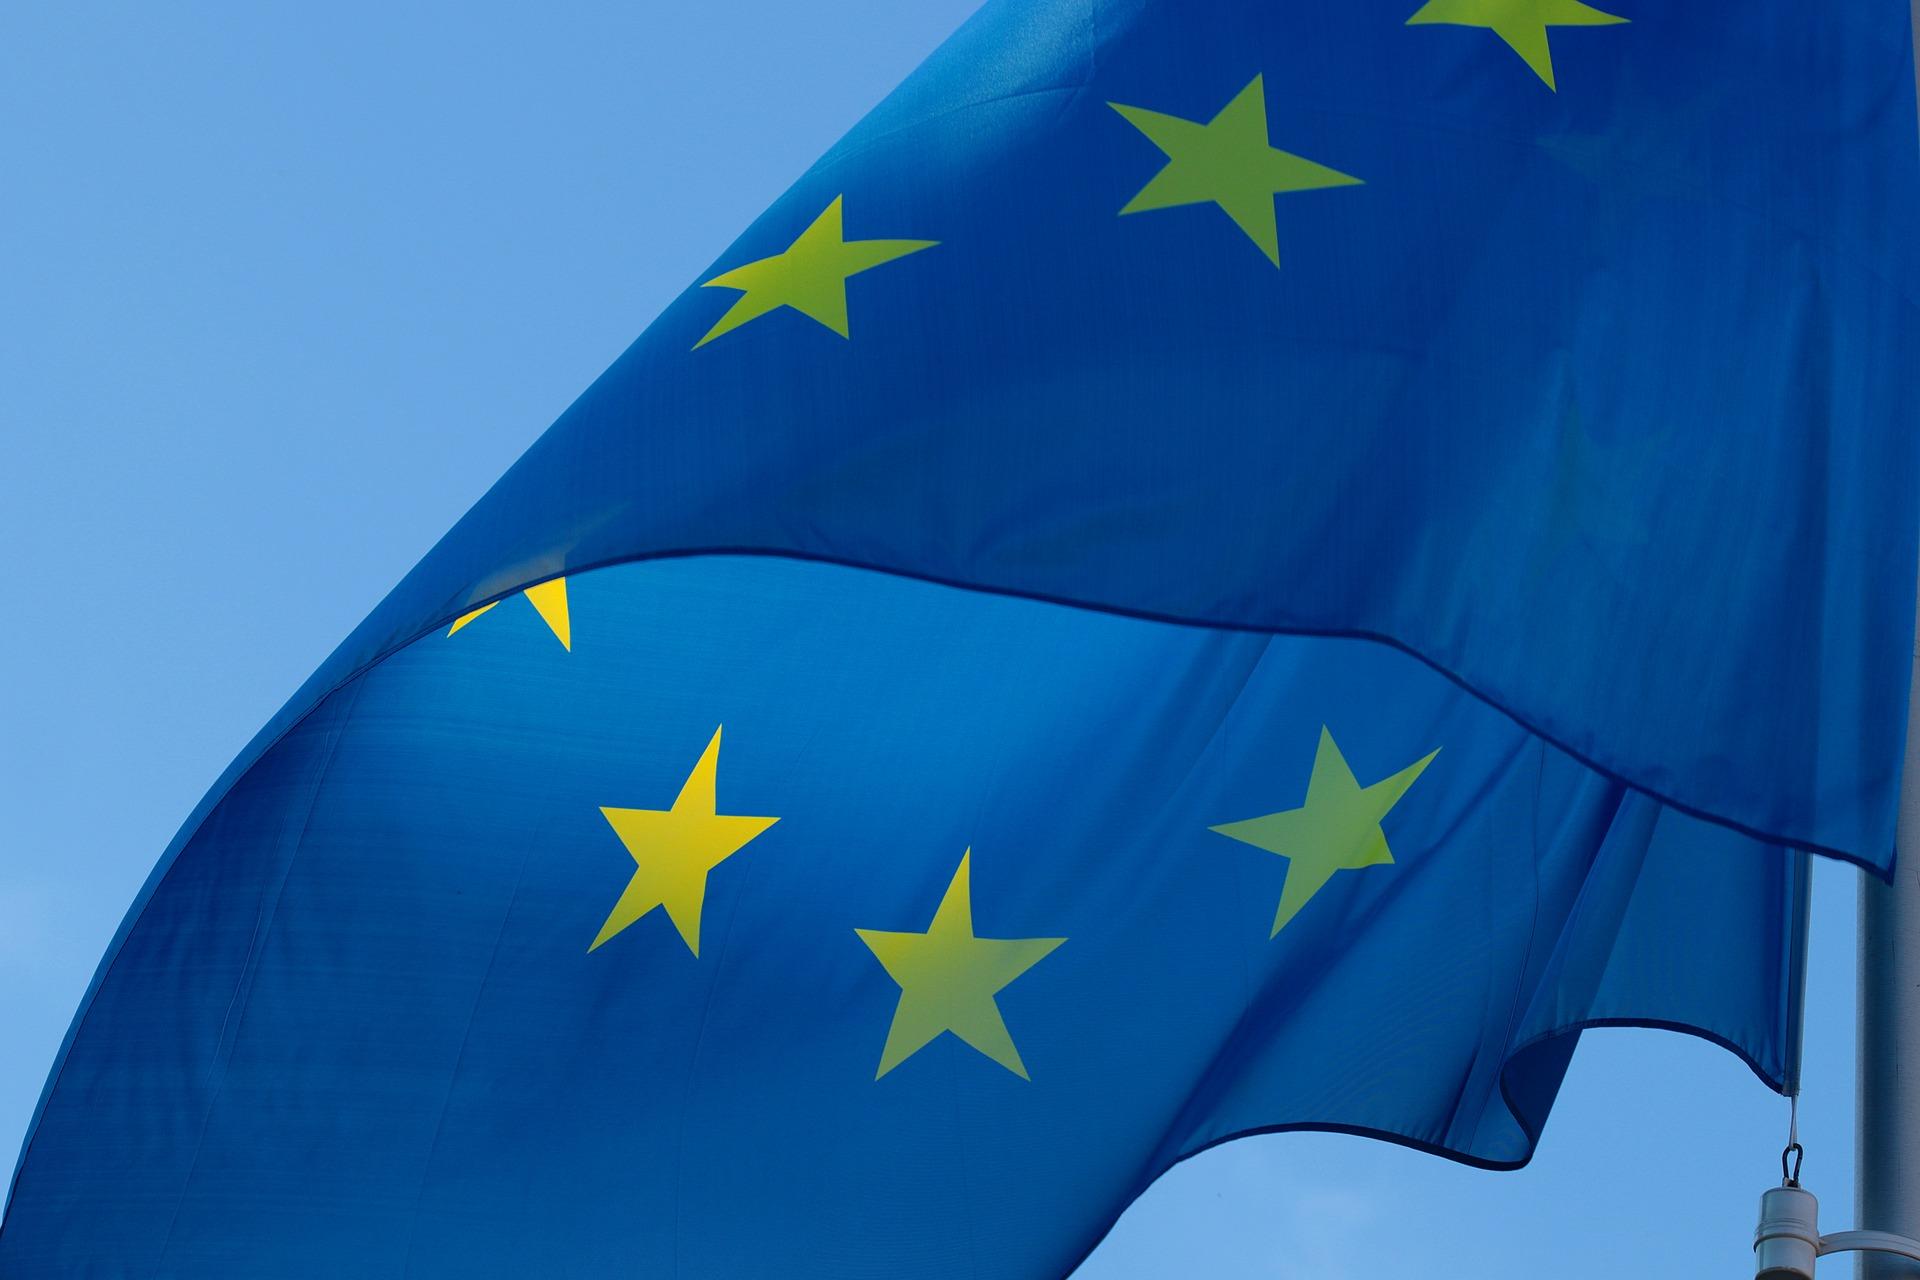 Europese merkregistratie: wat is er veranderd?